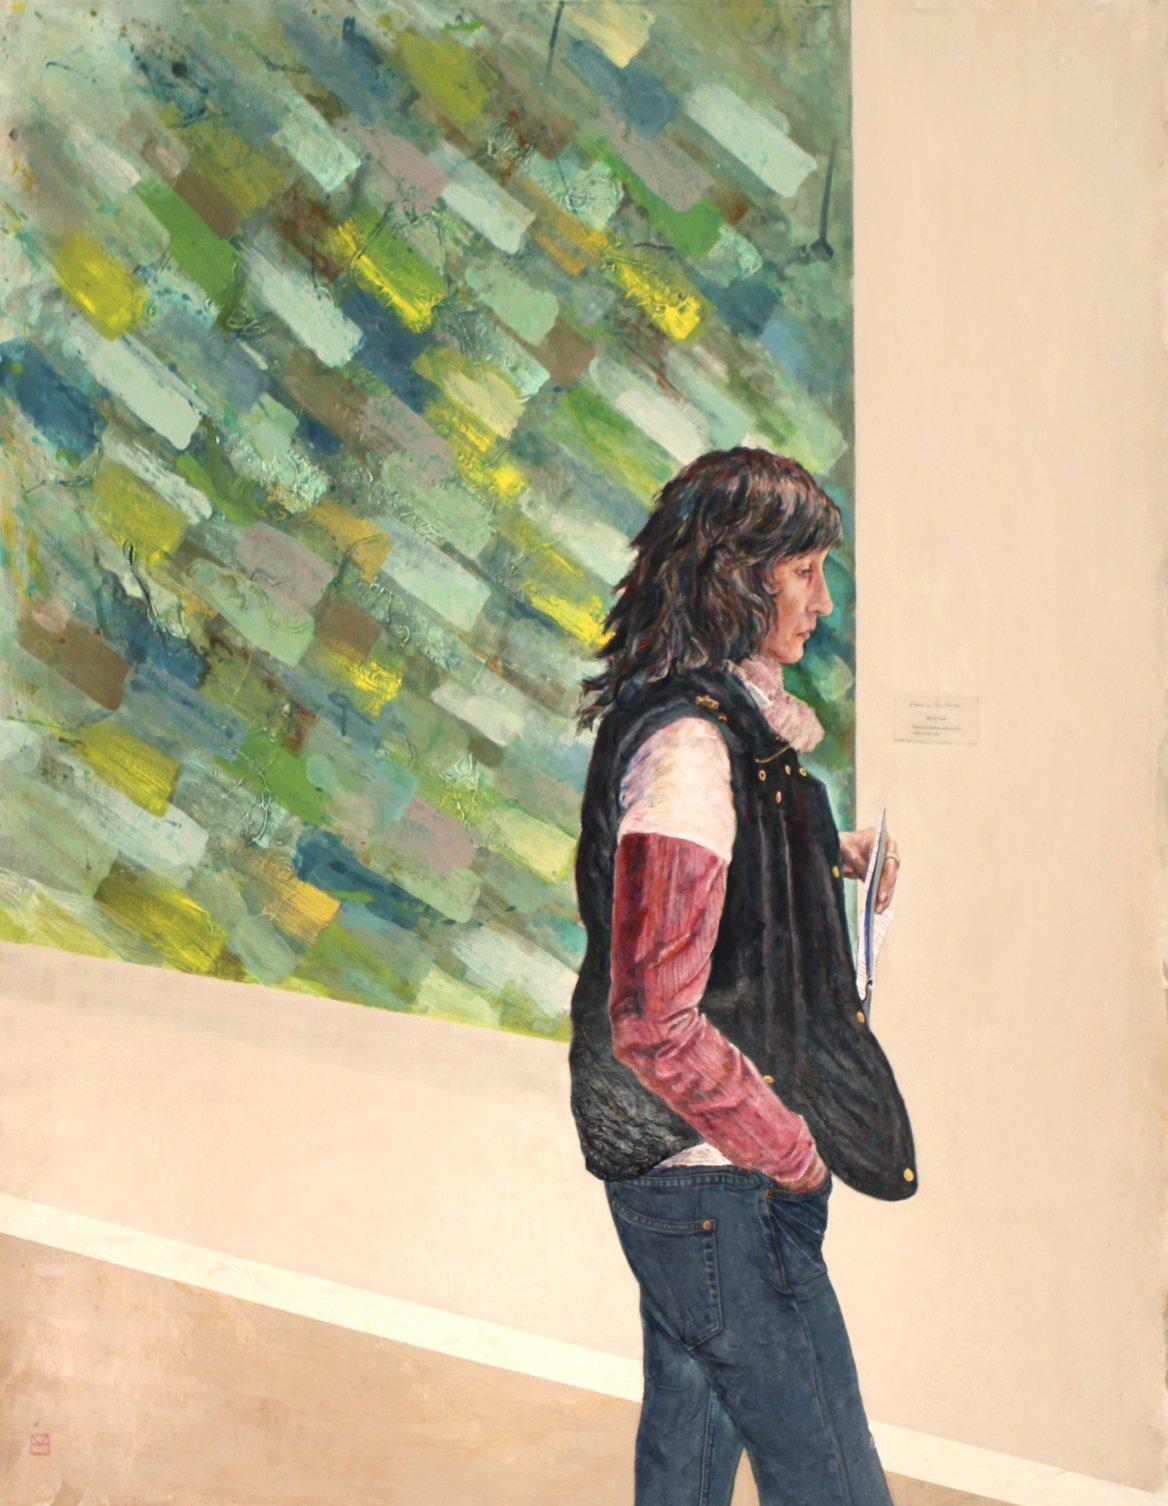 Elina en el museo (2014) - José Antonio Ocaña Martínez - ocañamartínez